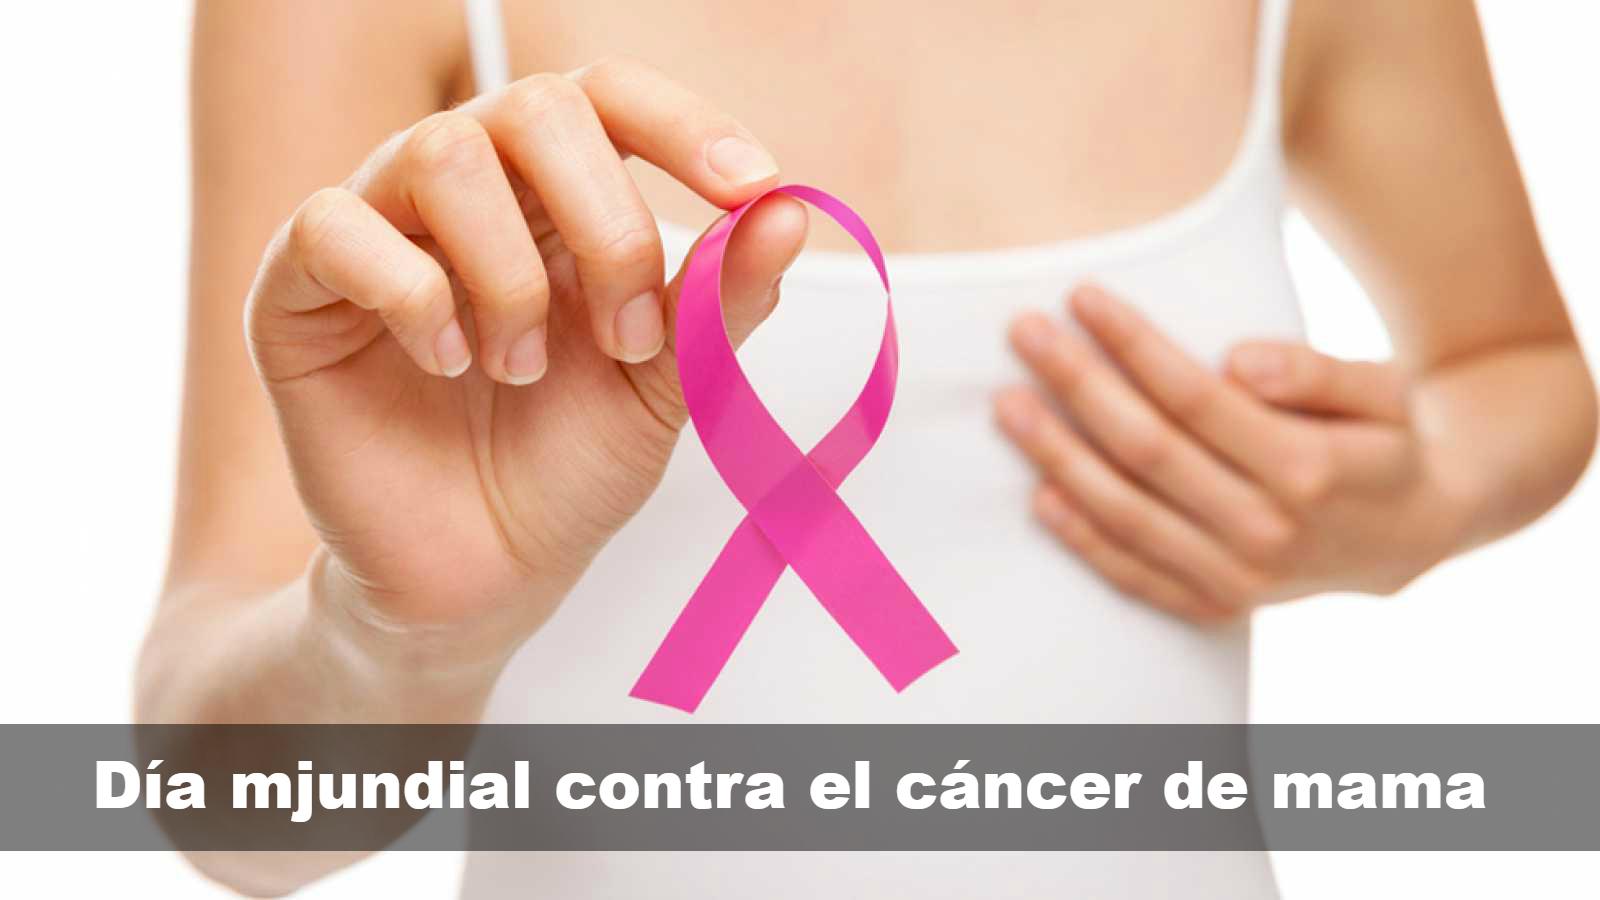 Cuál es el día mundial contra el cáncer de mama